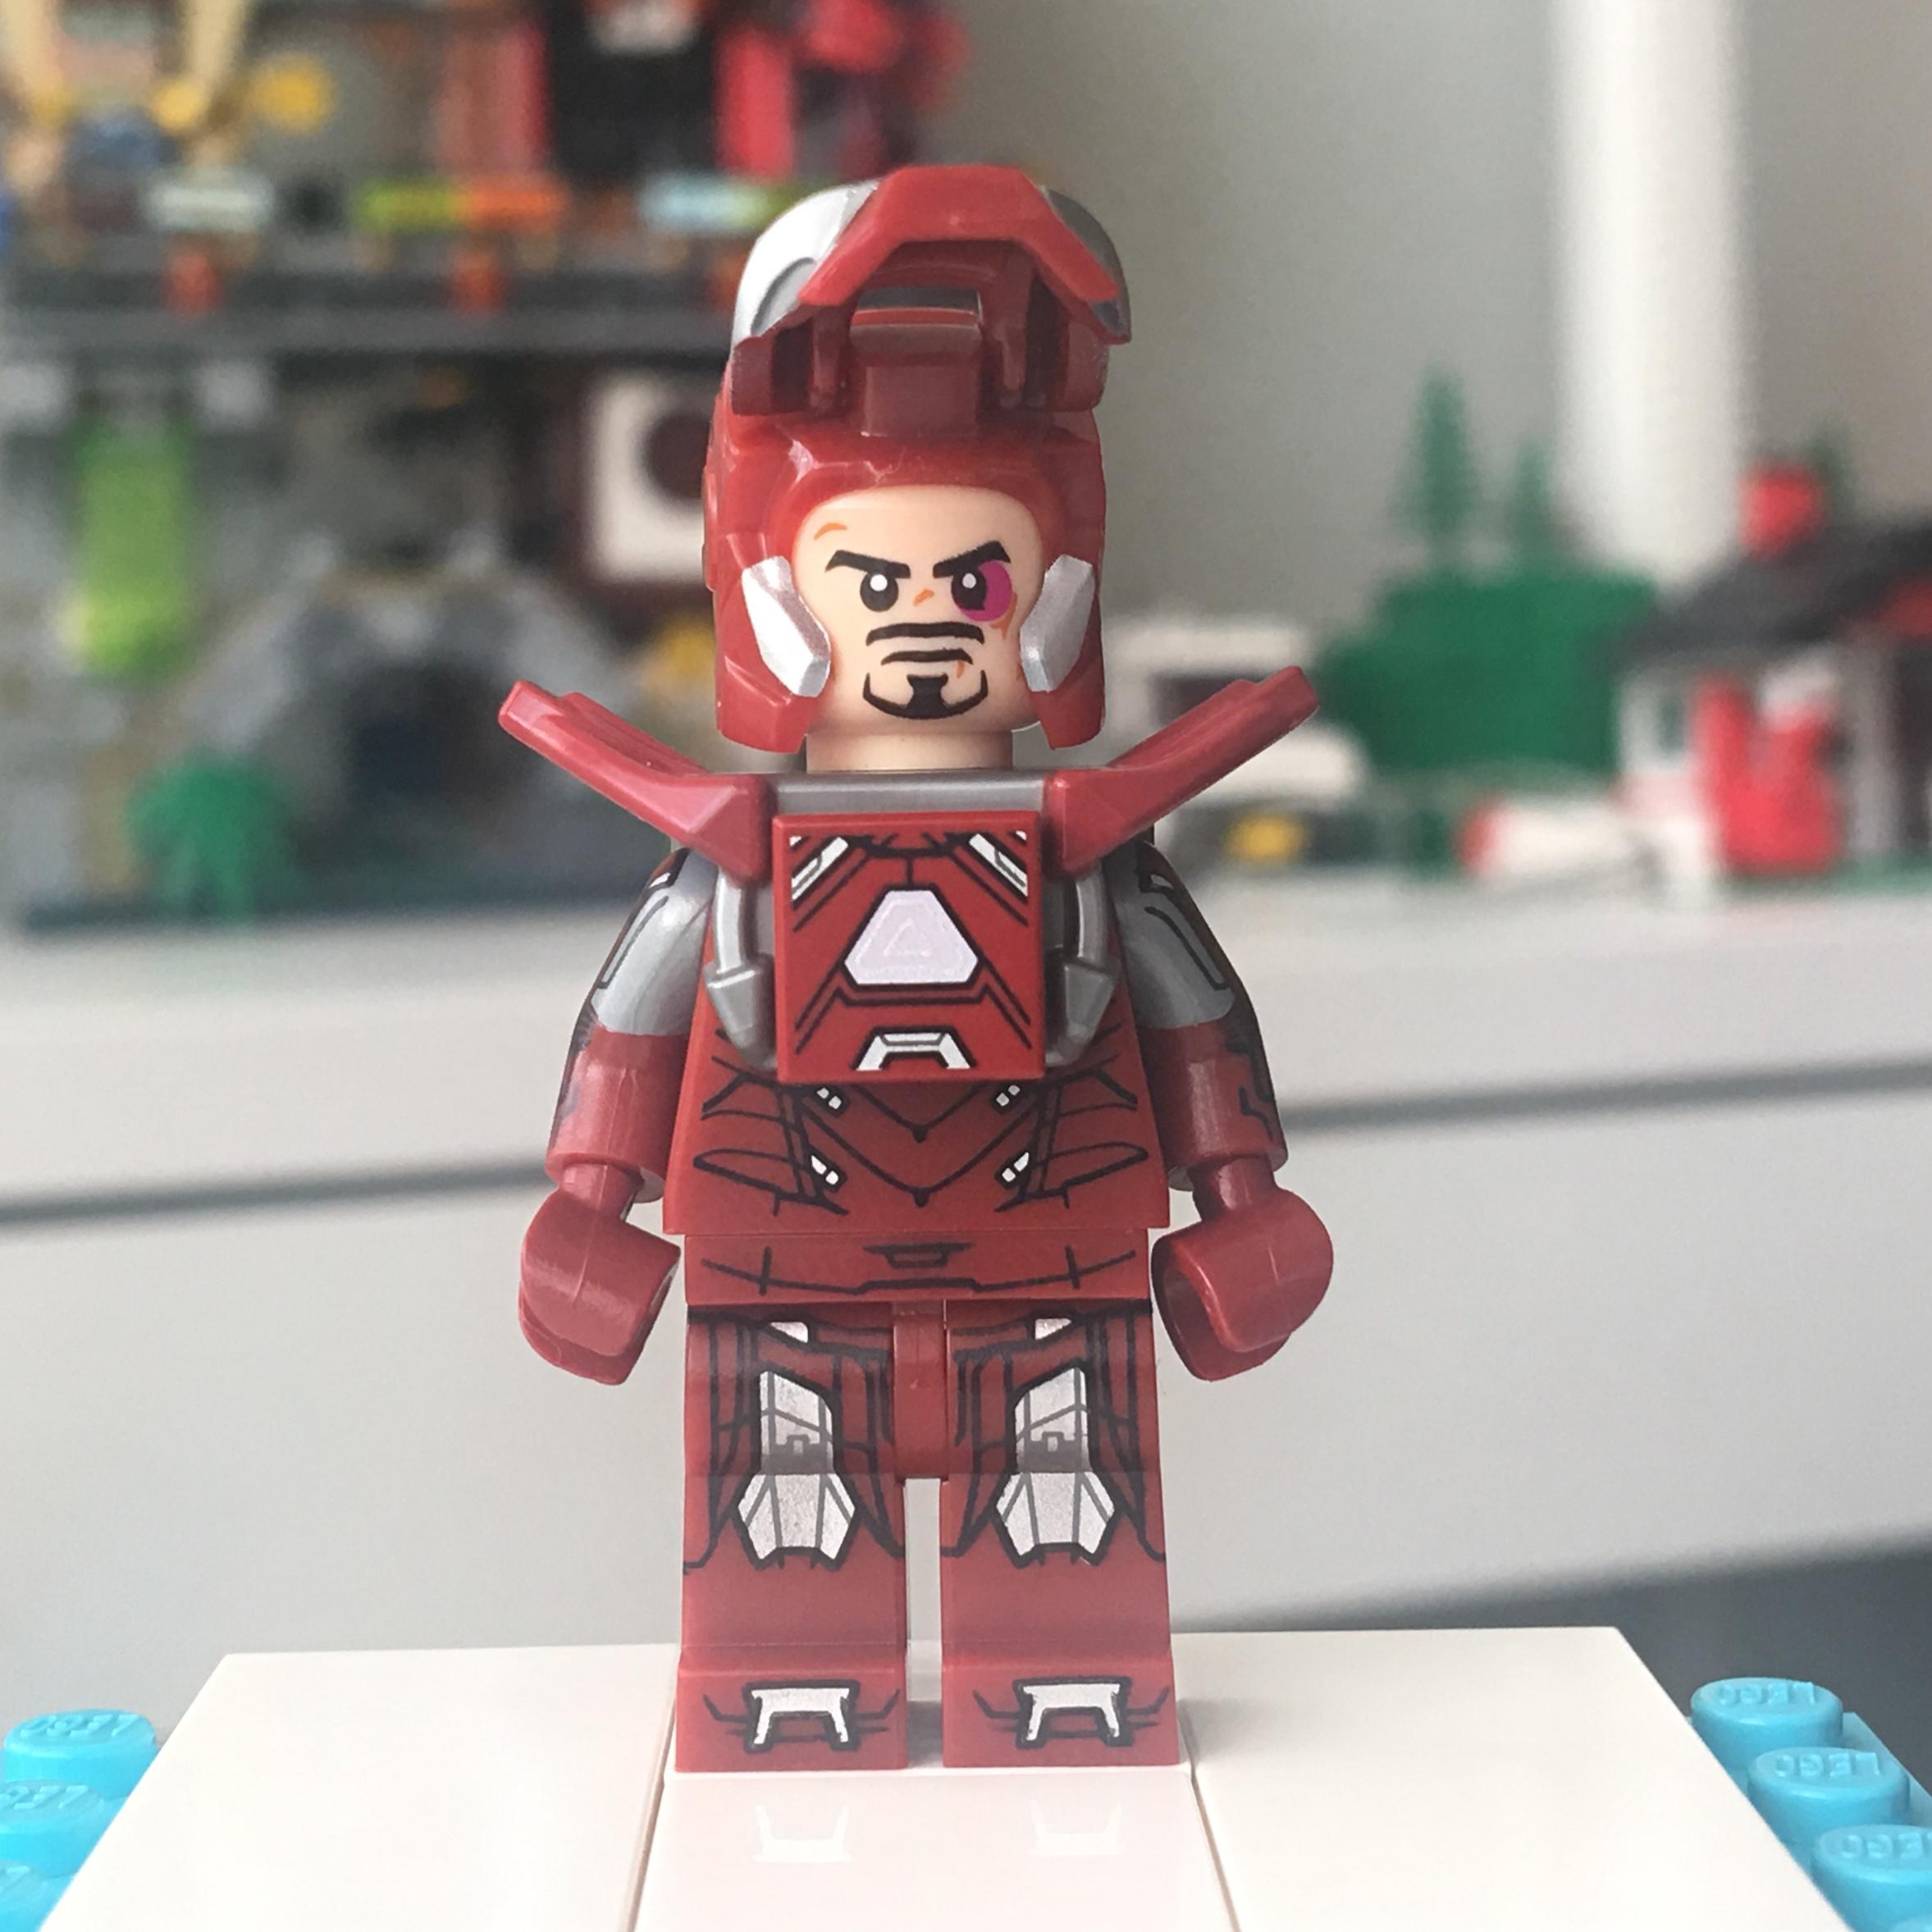 Custom Arcade Marvel Super heroes minifigures ironman spiderman on lego bricks